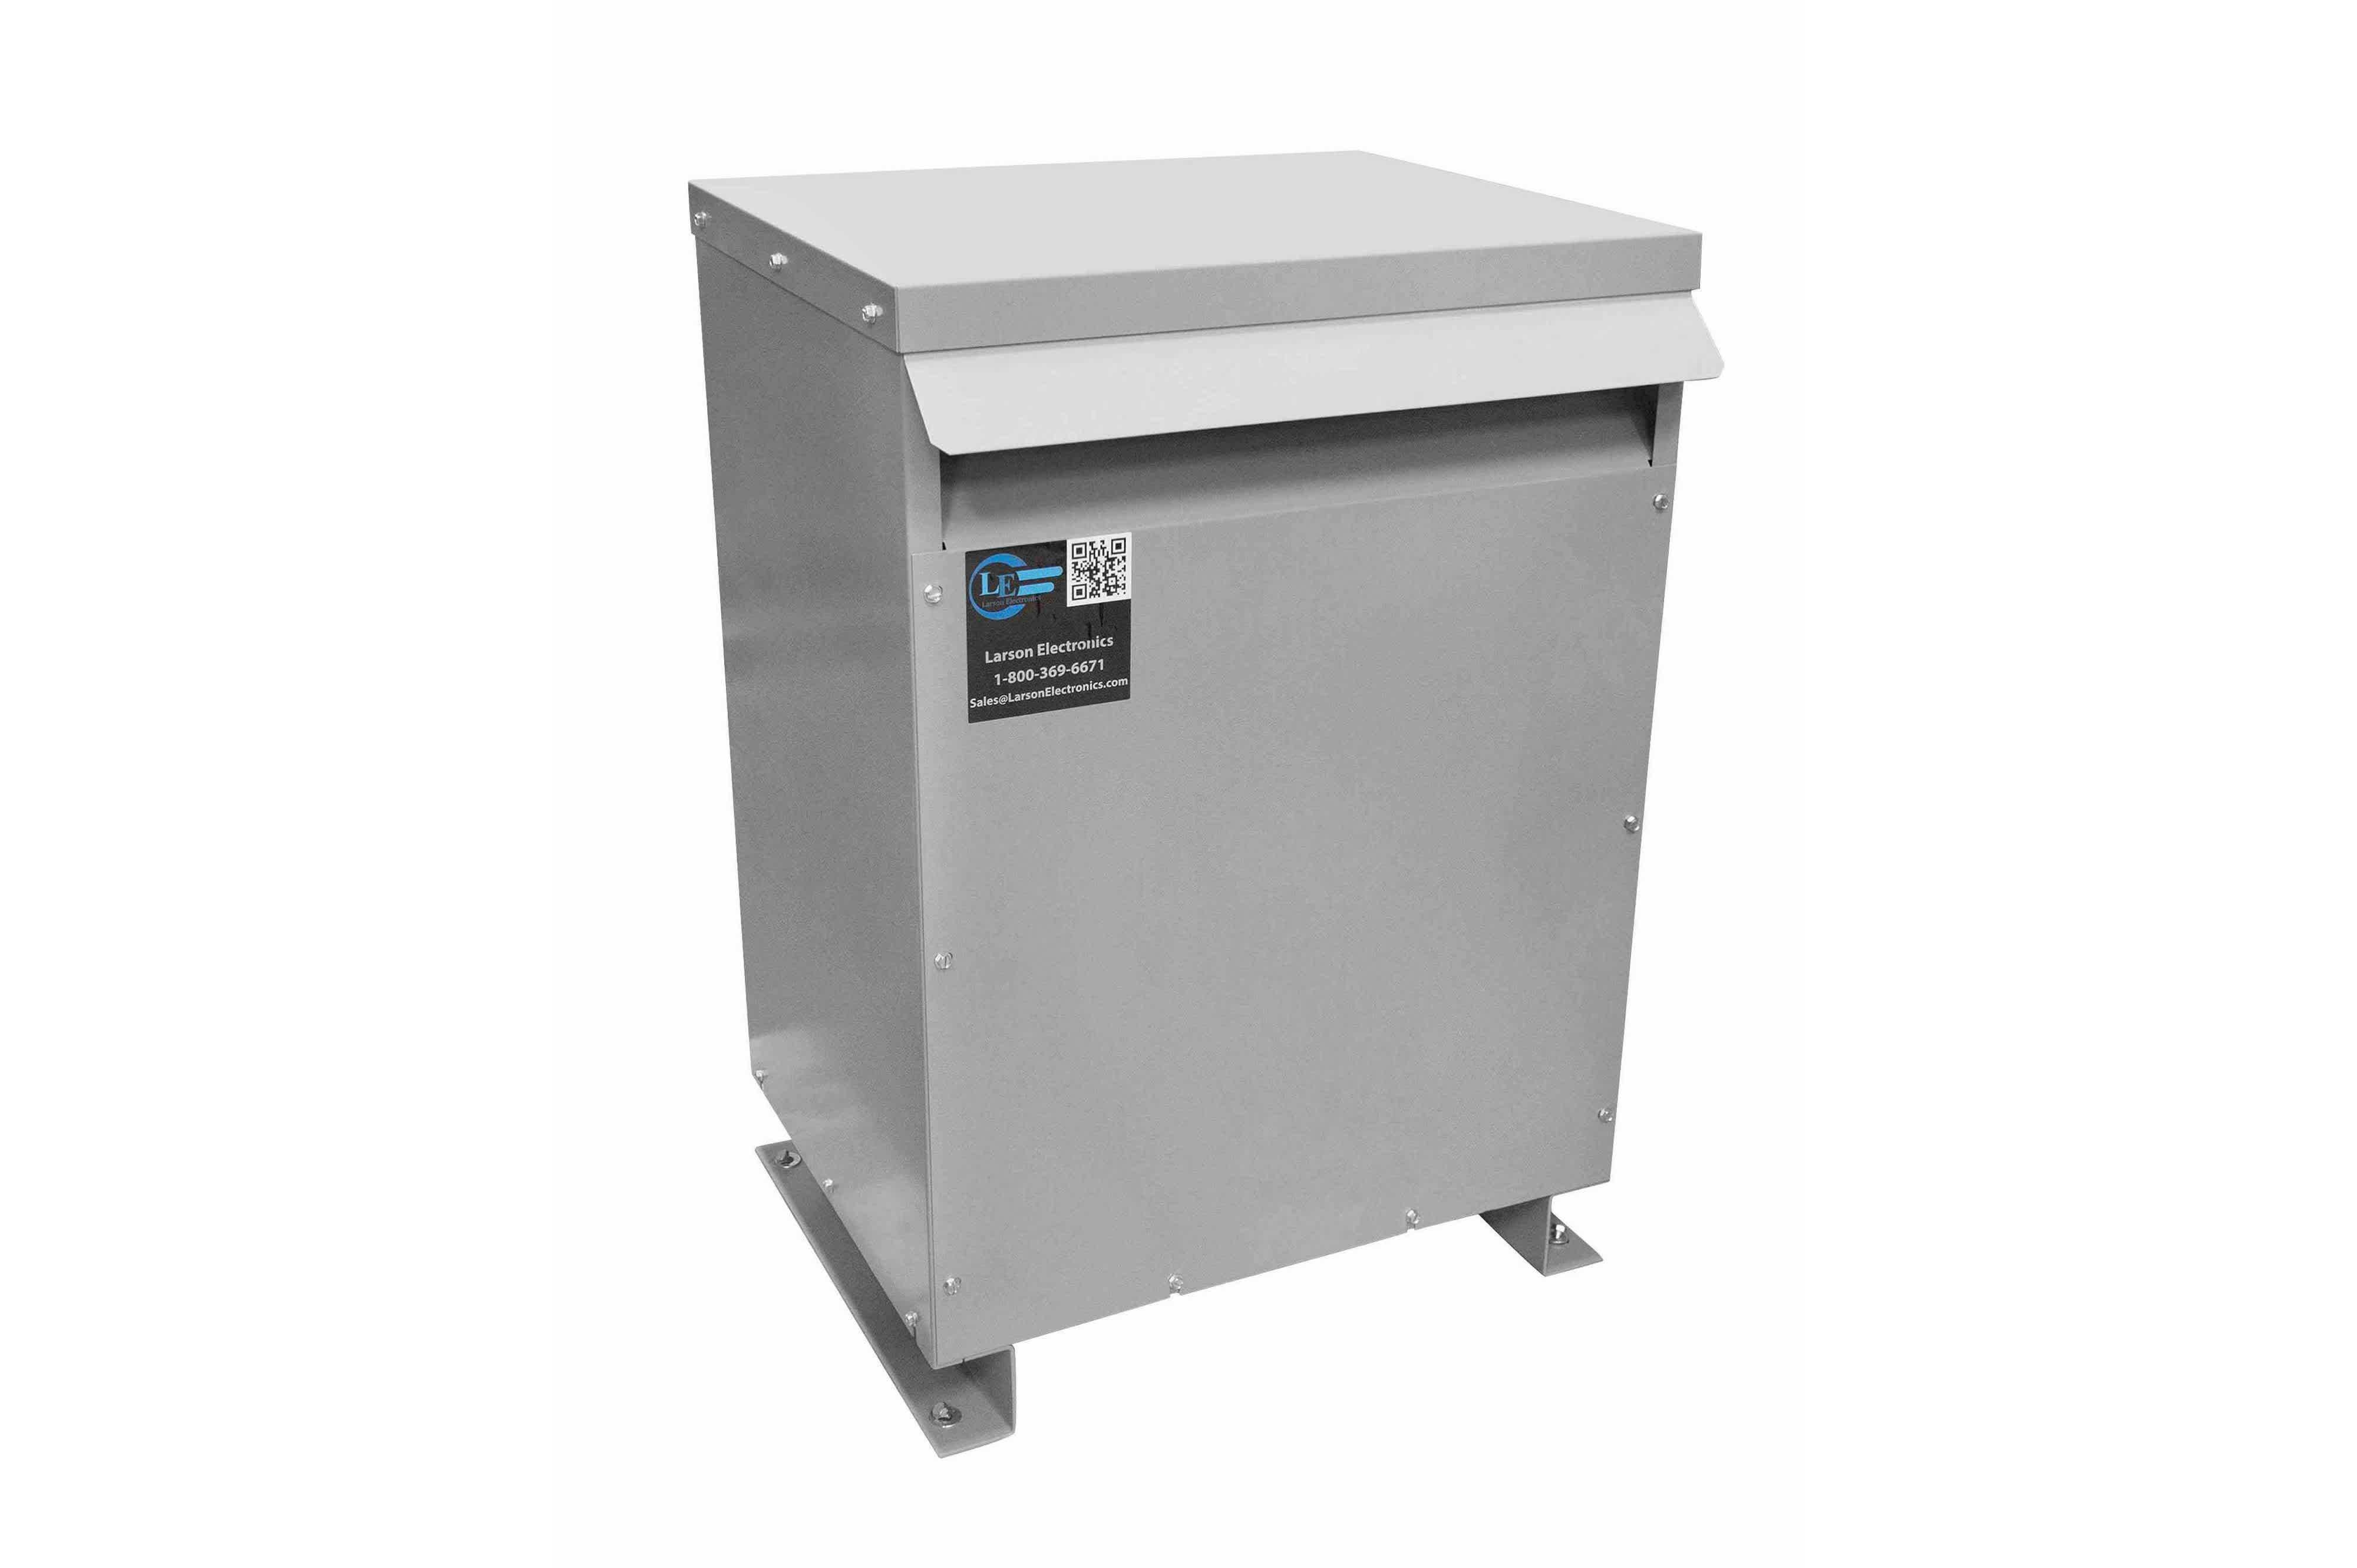 115 kVA 3PH Isolation Transformer, 600V Delta Primary, 480V Delta Secondary, N3R, Ventilated, 60 Hz